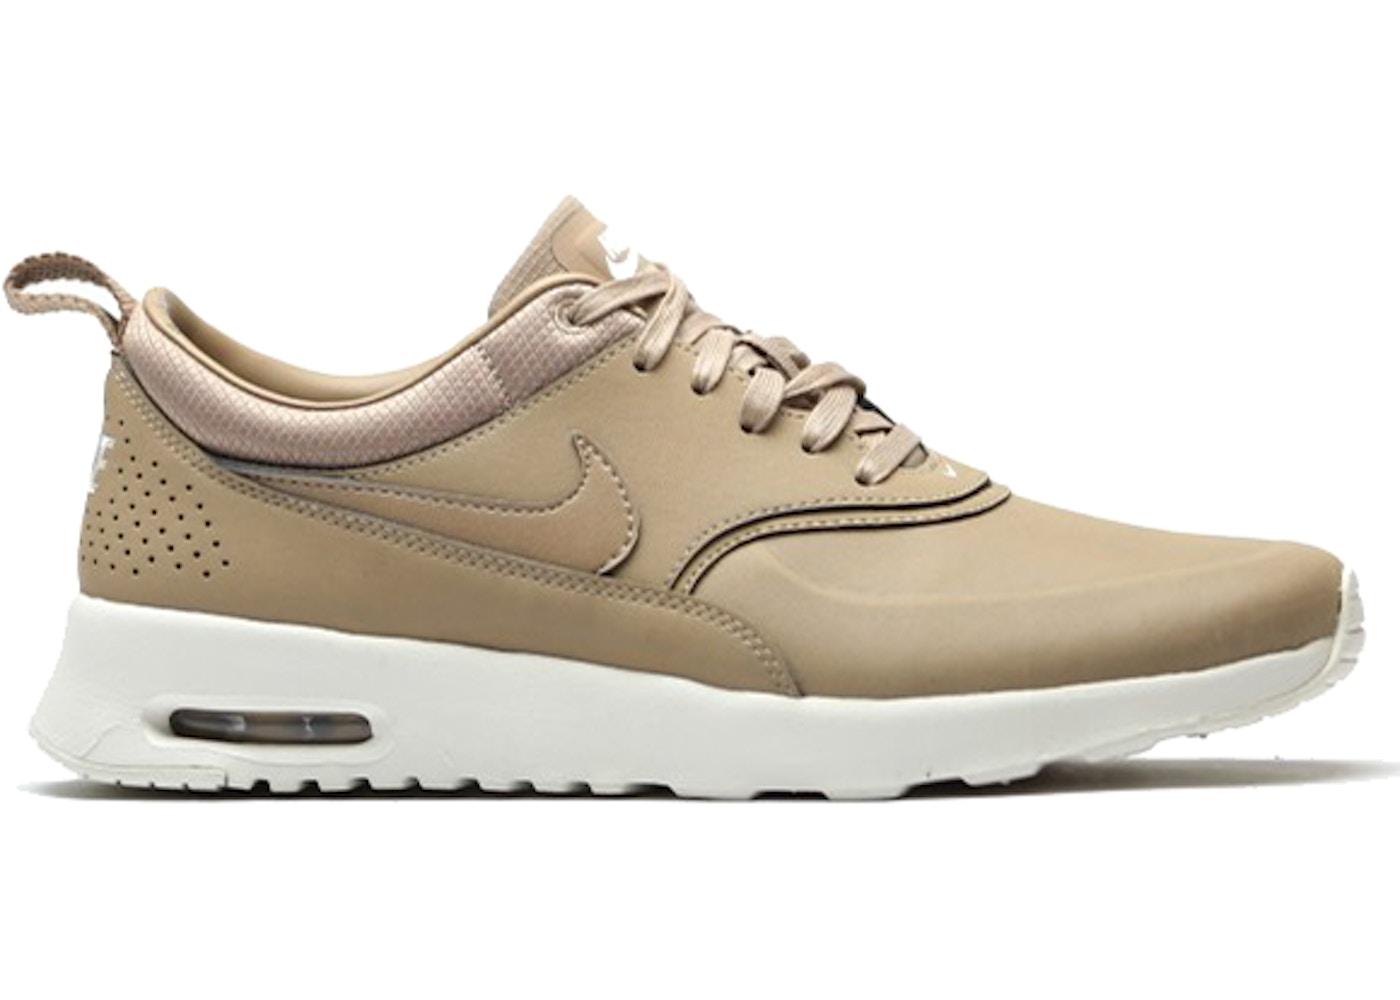 Nike Air Max Thea Desert Camo (W) - 616723-201